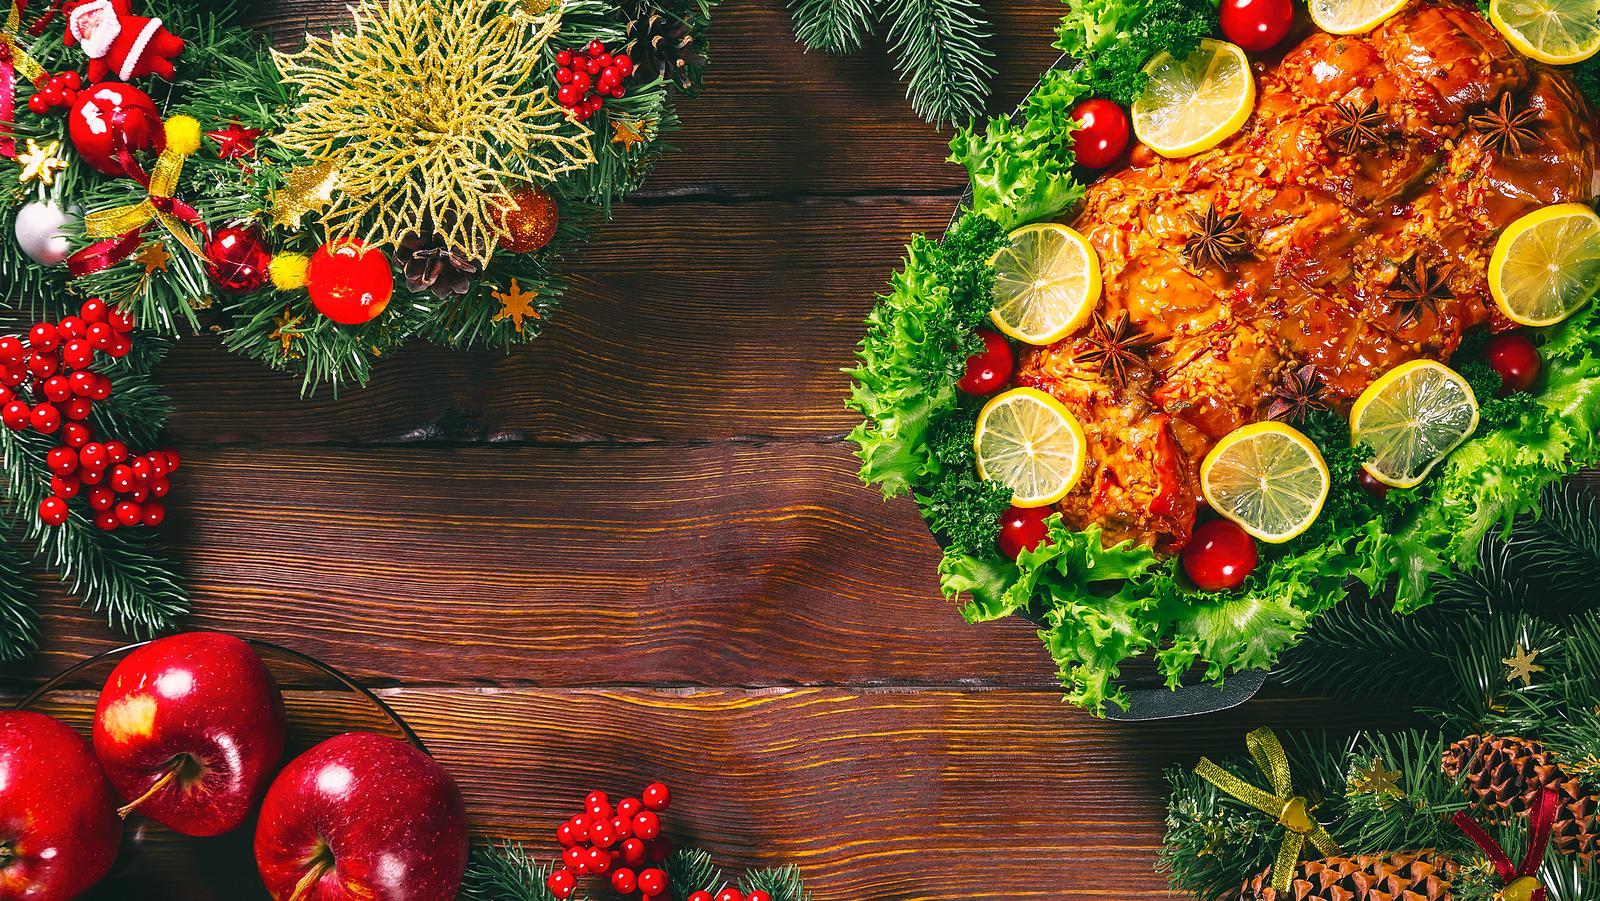 Leberreinigung in der Weihnachtssaison (1.)